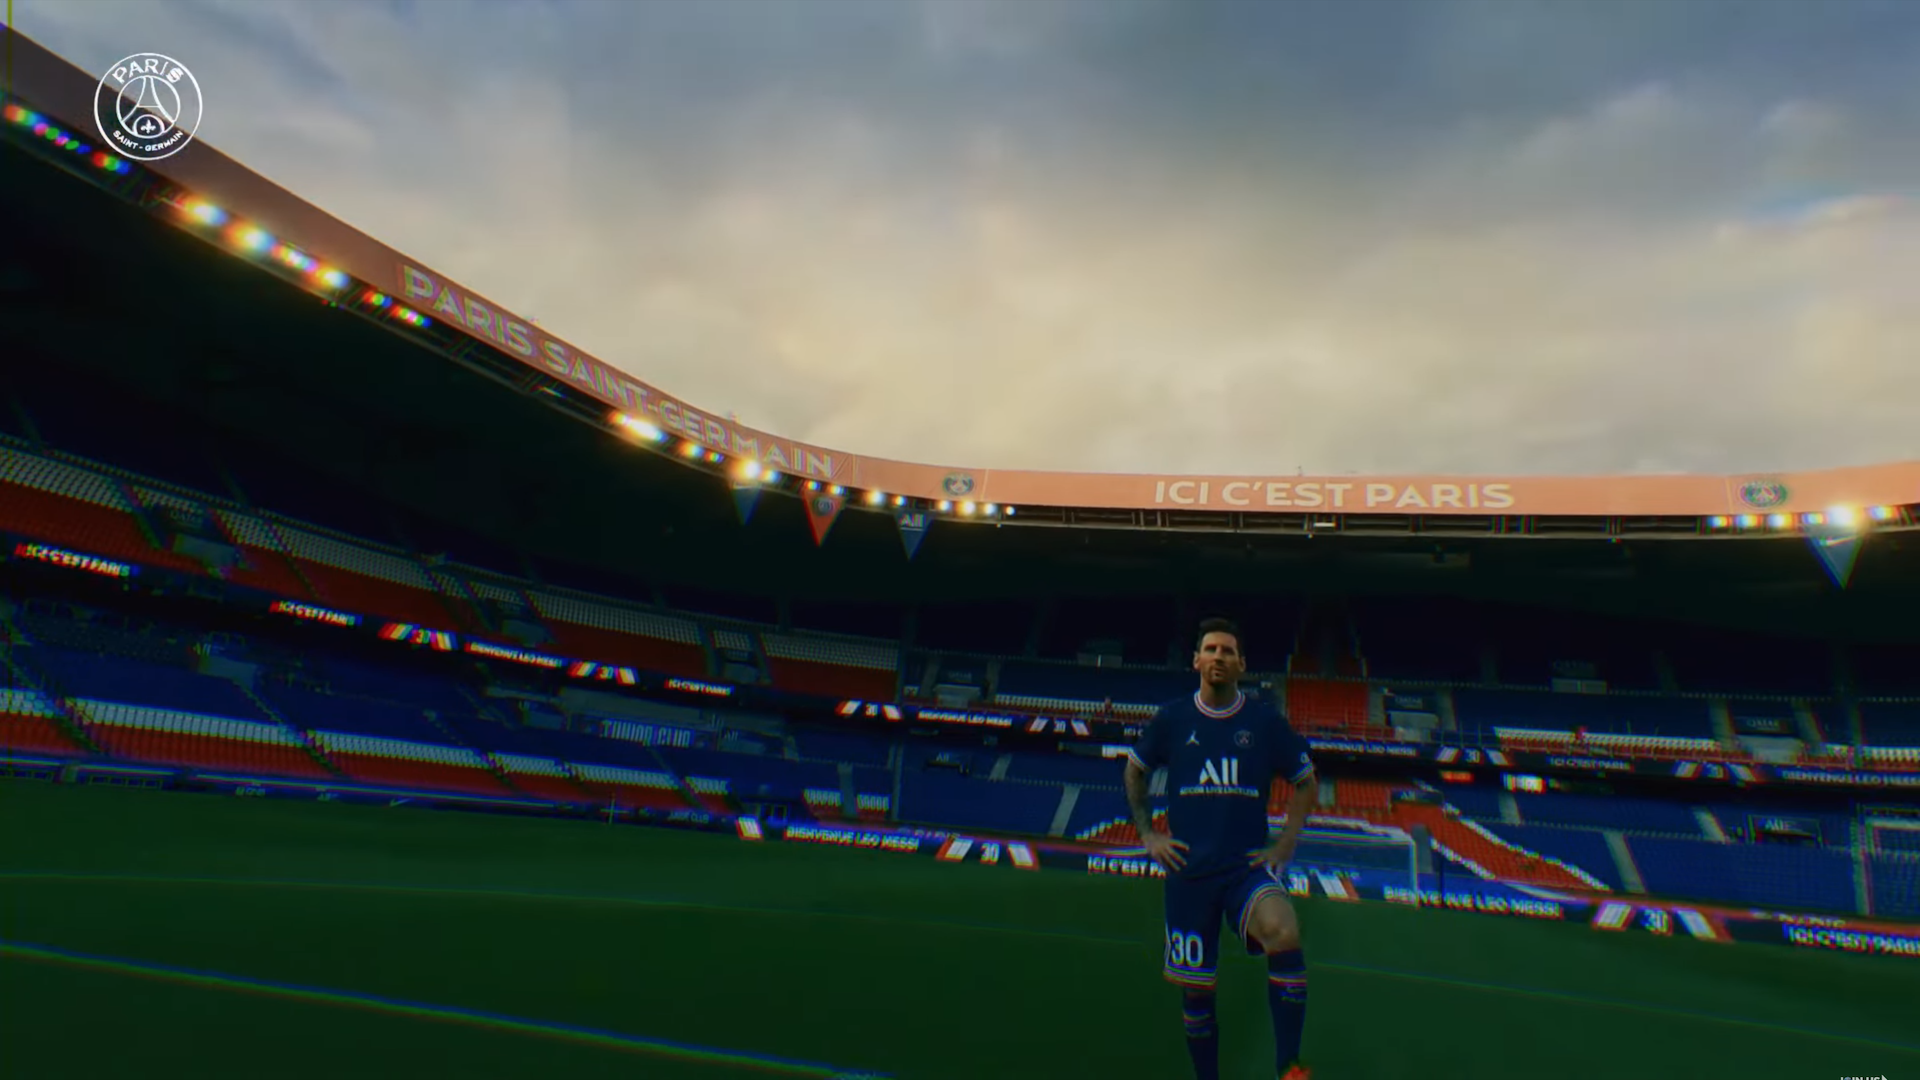 梅西加盟巴黎聖日耳門 球會出動 FPV 無人機拍攝宣佈影片